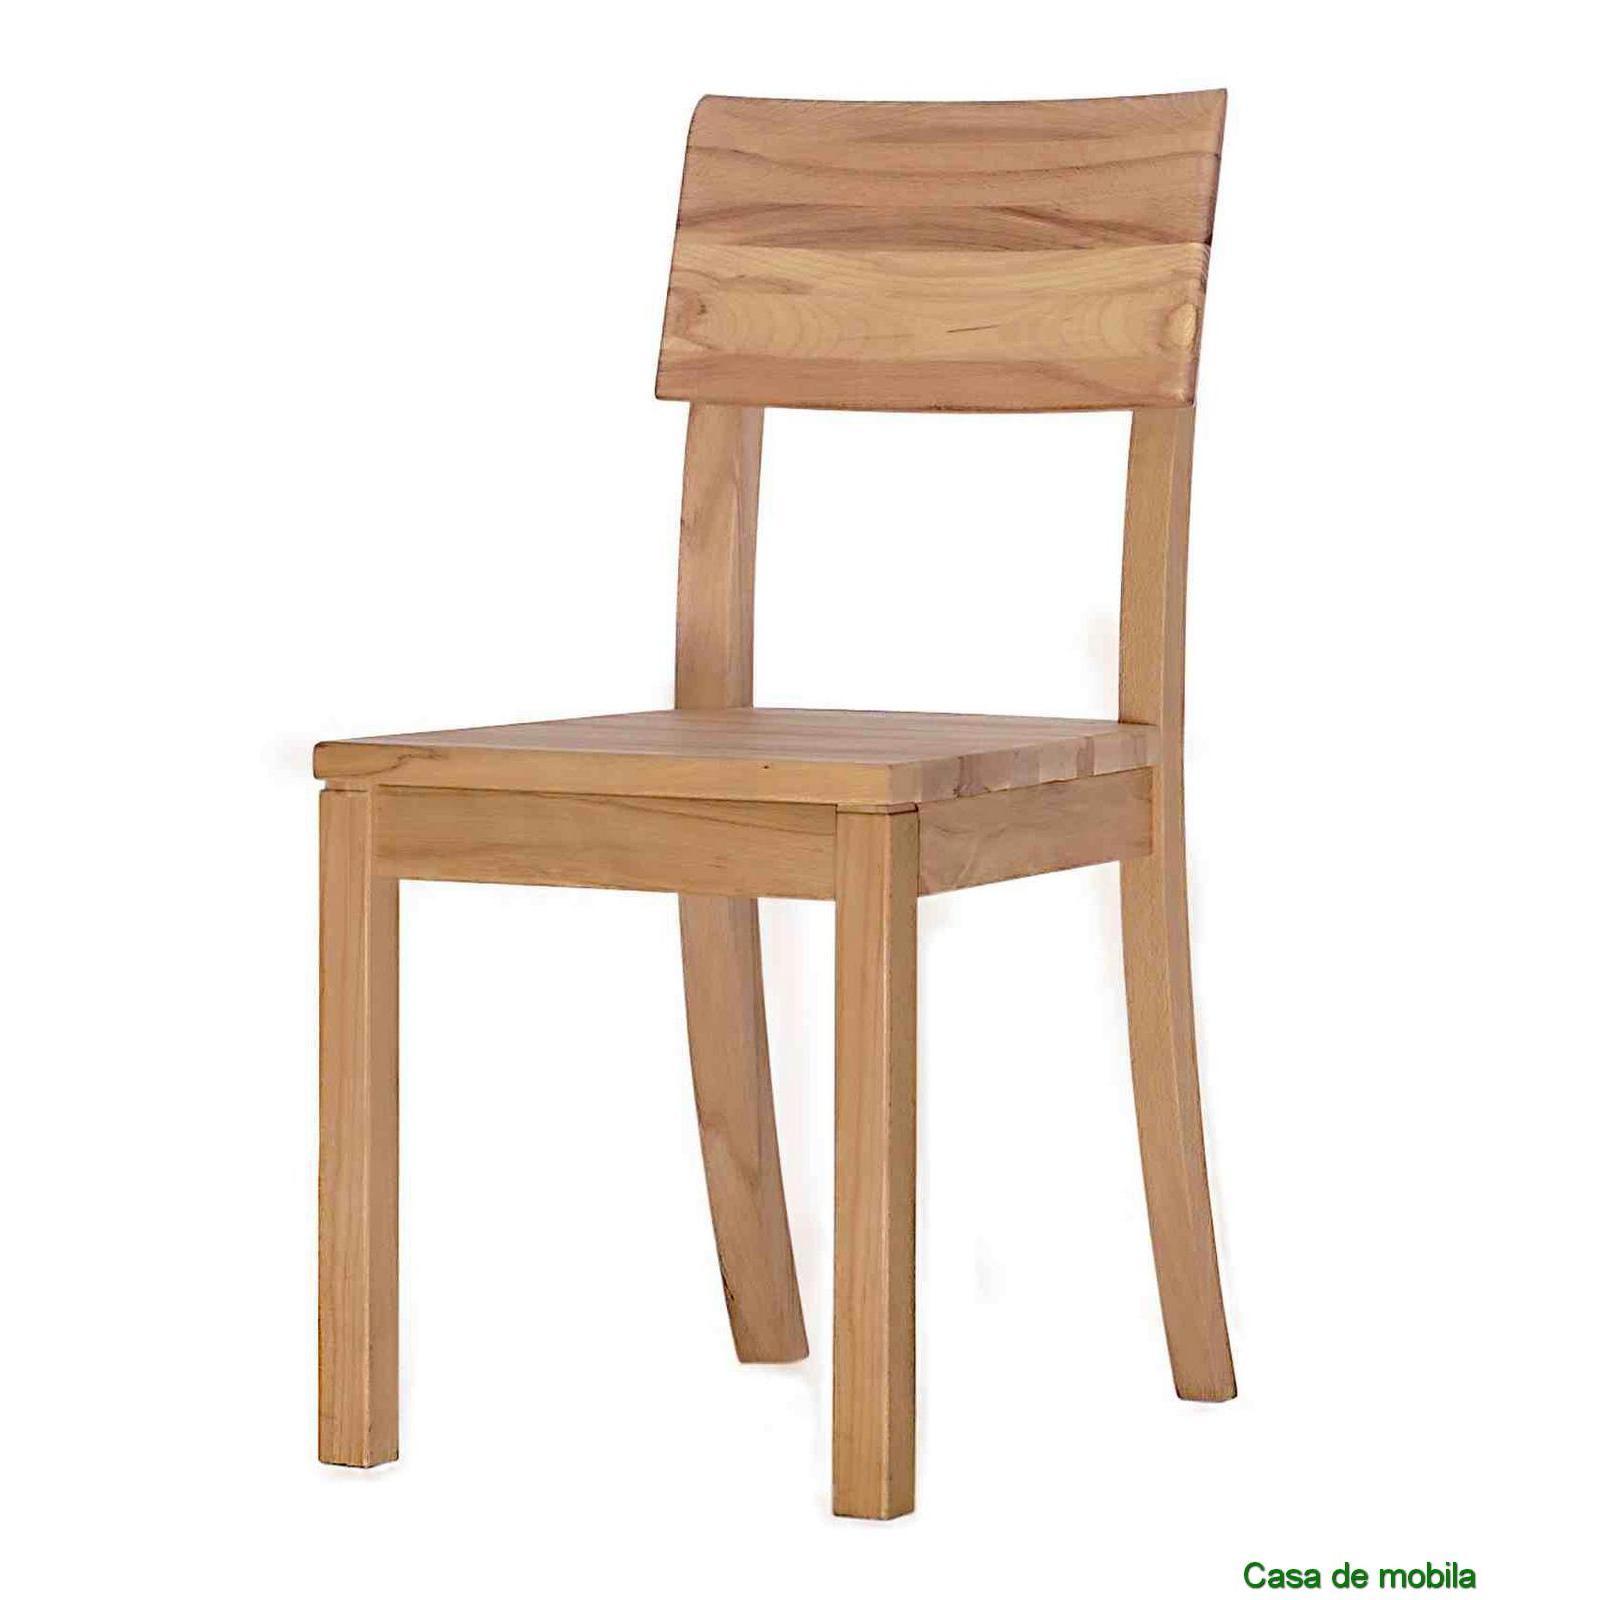 massivholz eckbankgruppe kernbuche massiv ge lt vollholz eckbank aron 155x200 cm ebay. Black Bedroom Furniture Sets. Home Design Ideas